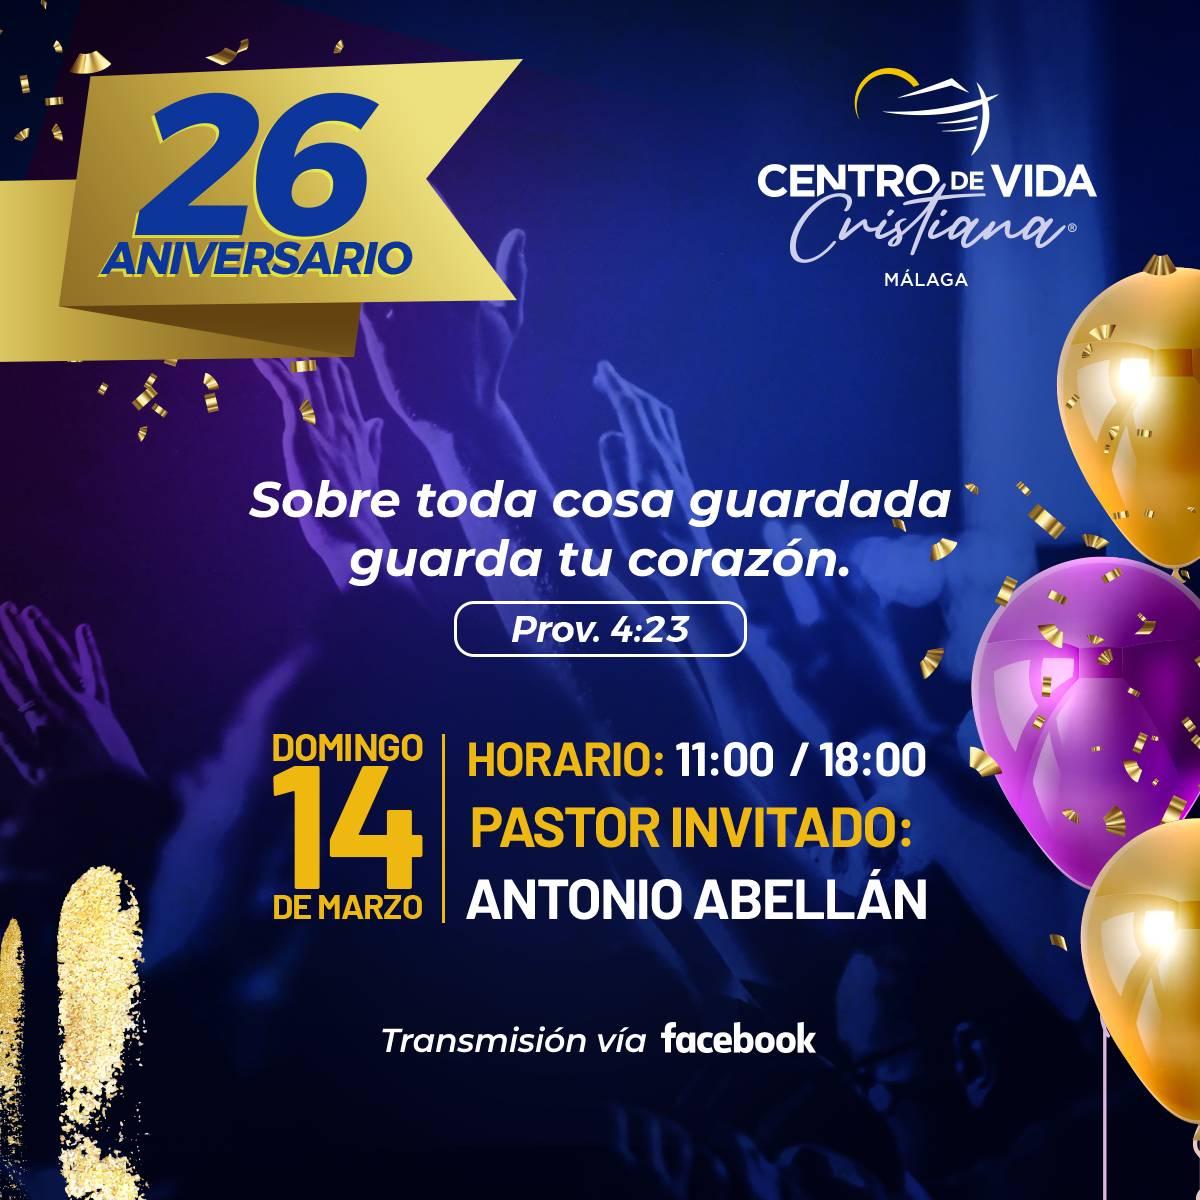 26 Aniversario CVC Málaga